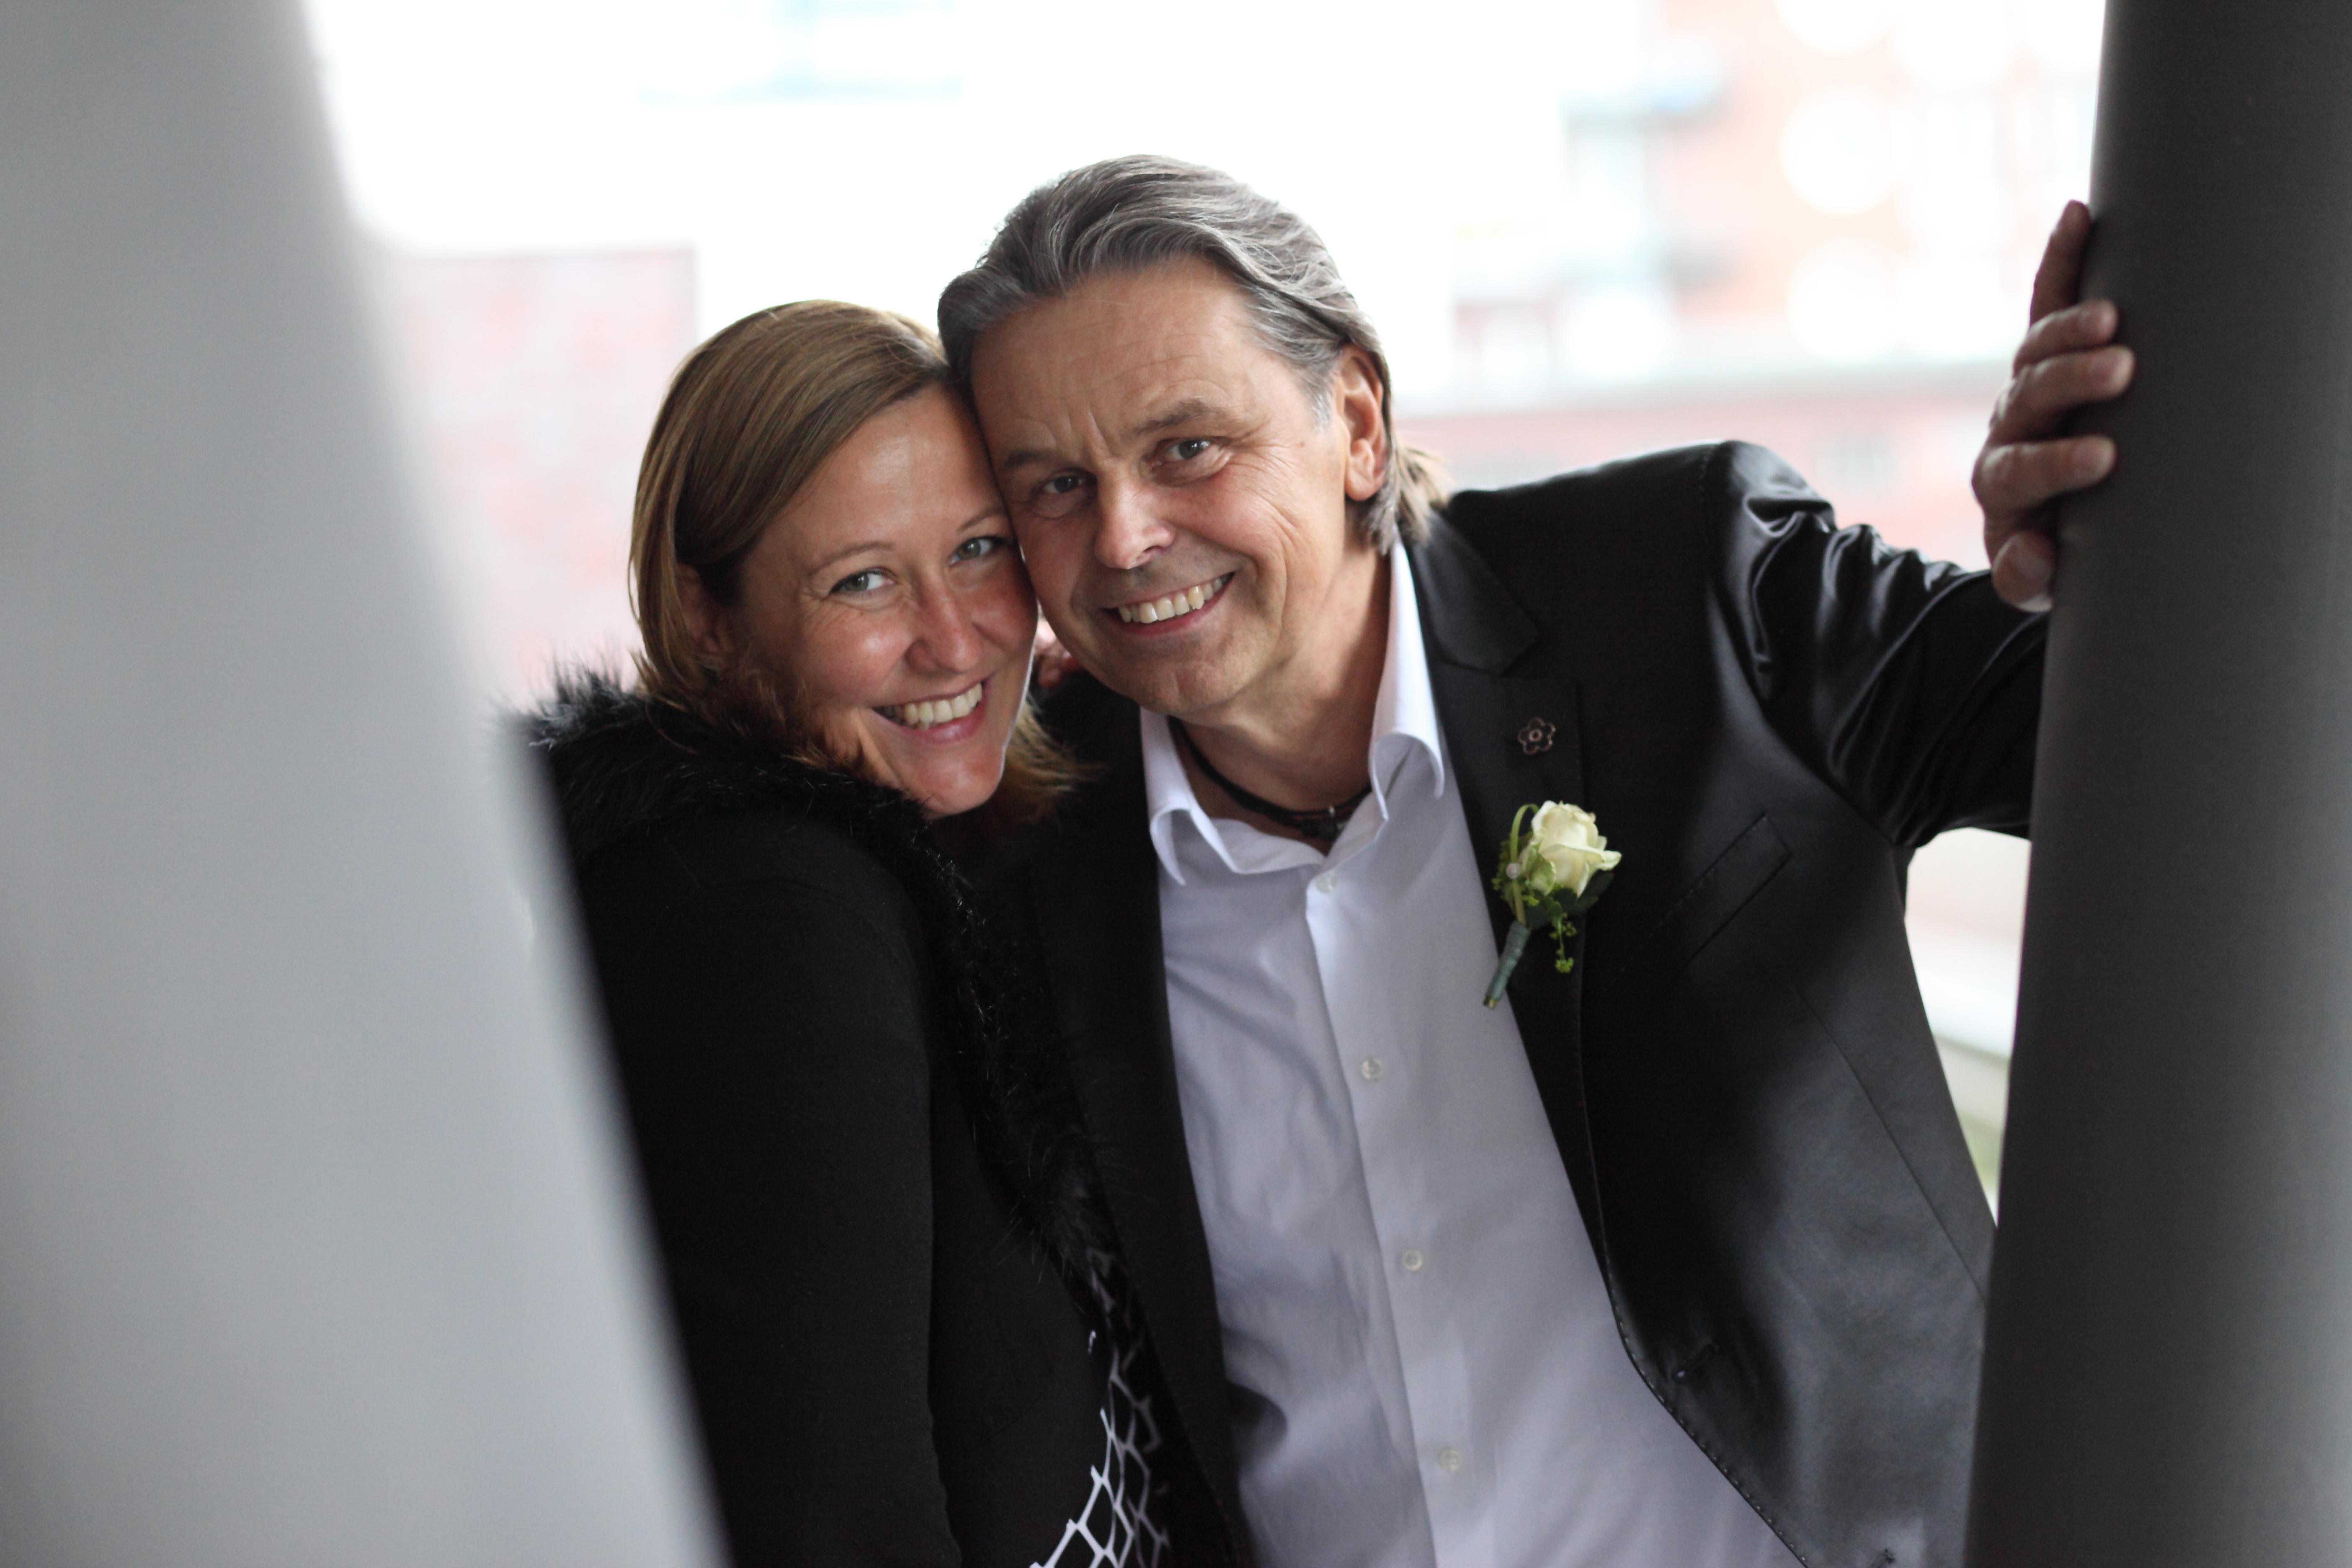 Hochzeitsfotos in Buxtehude, Stade, Hamburg und Umgebung machen lassen